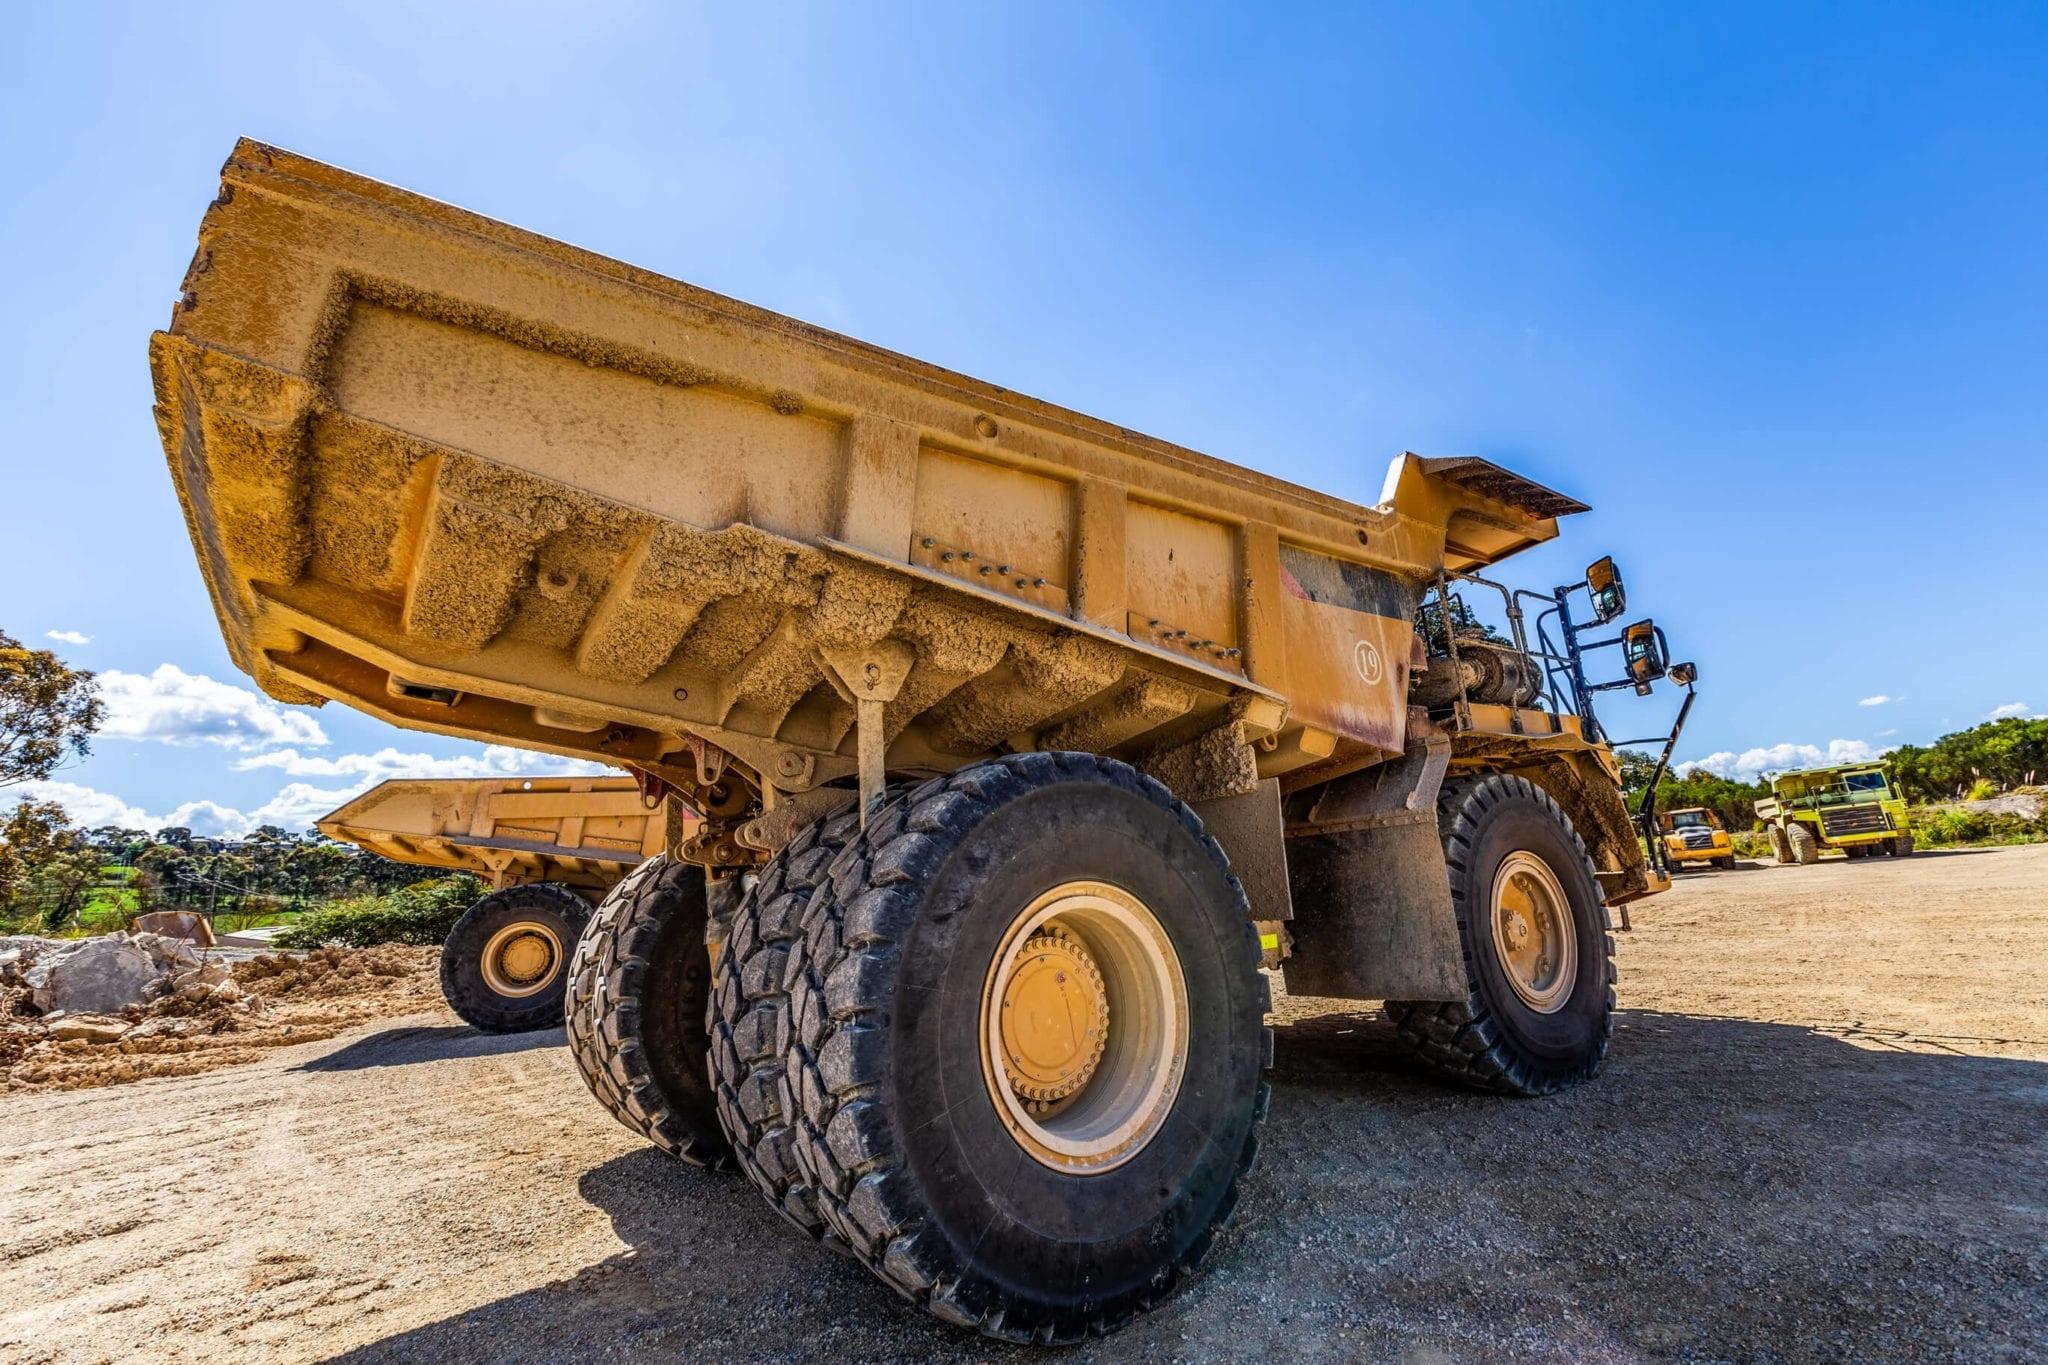 Dumper trucks on construction site